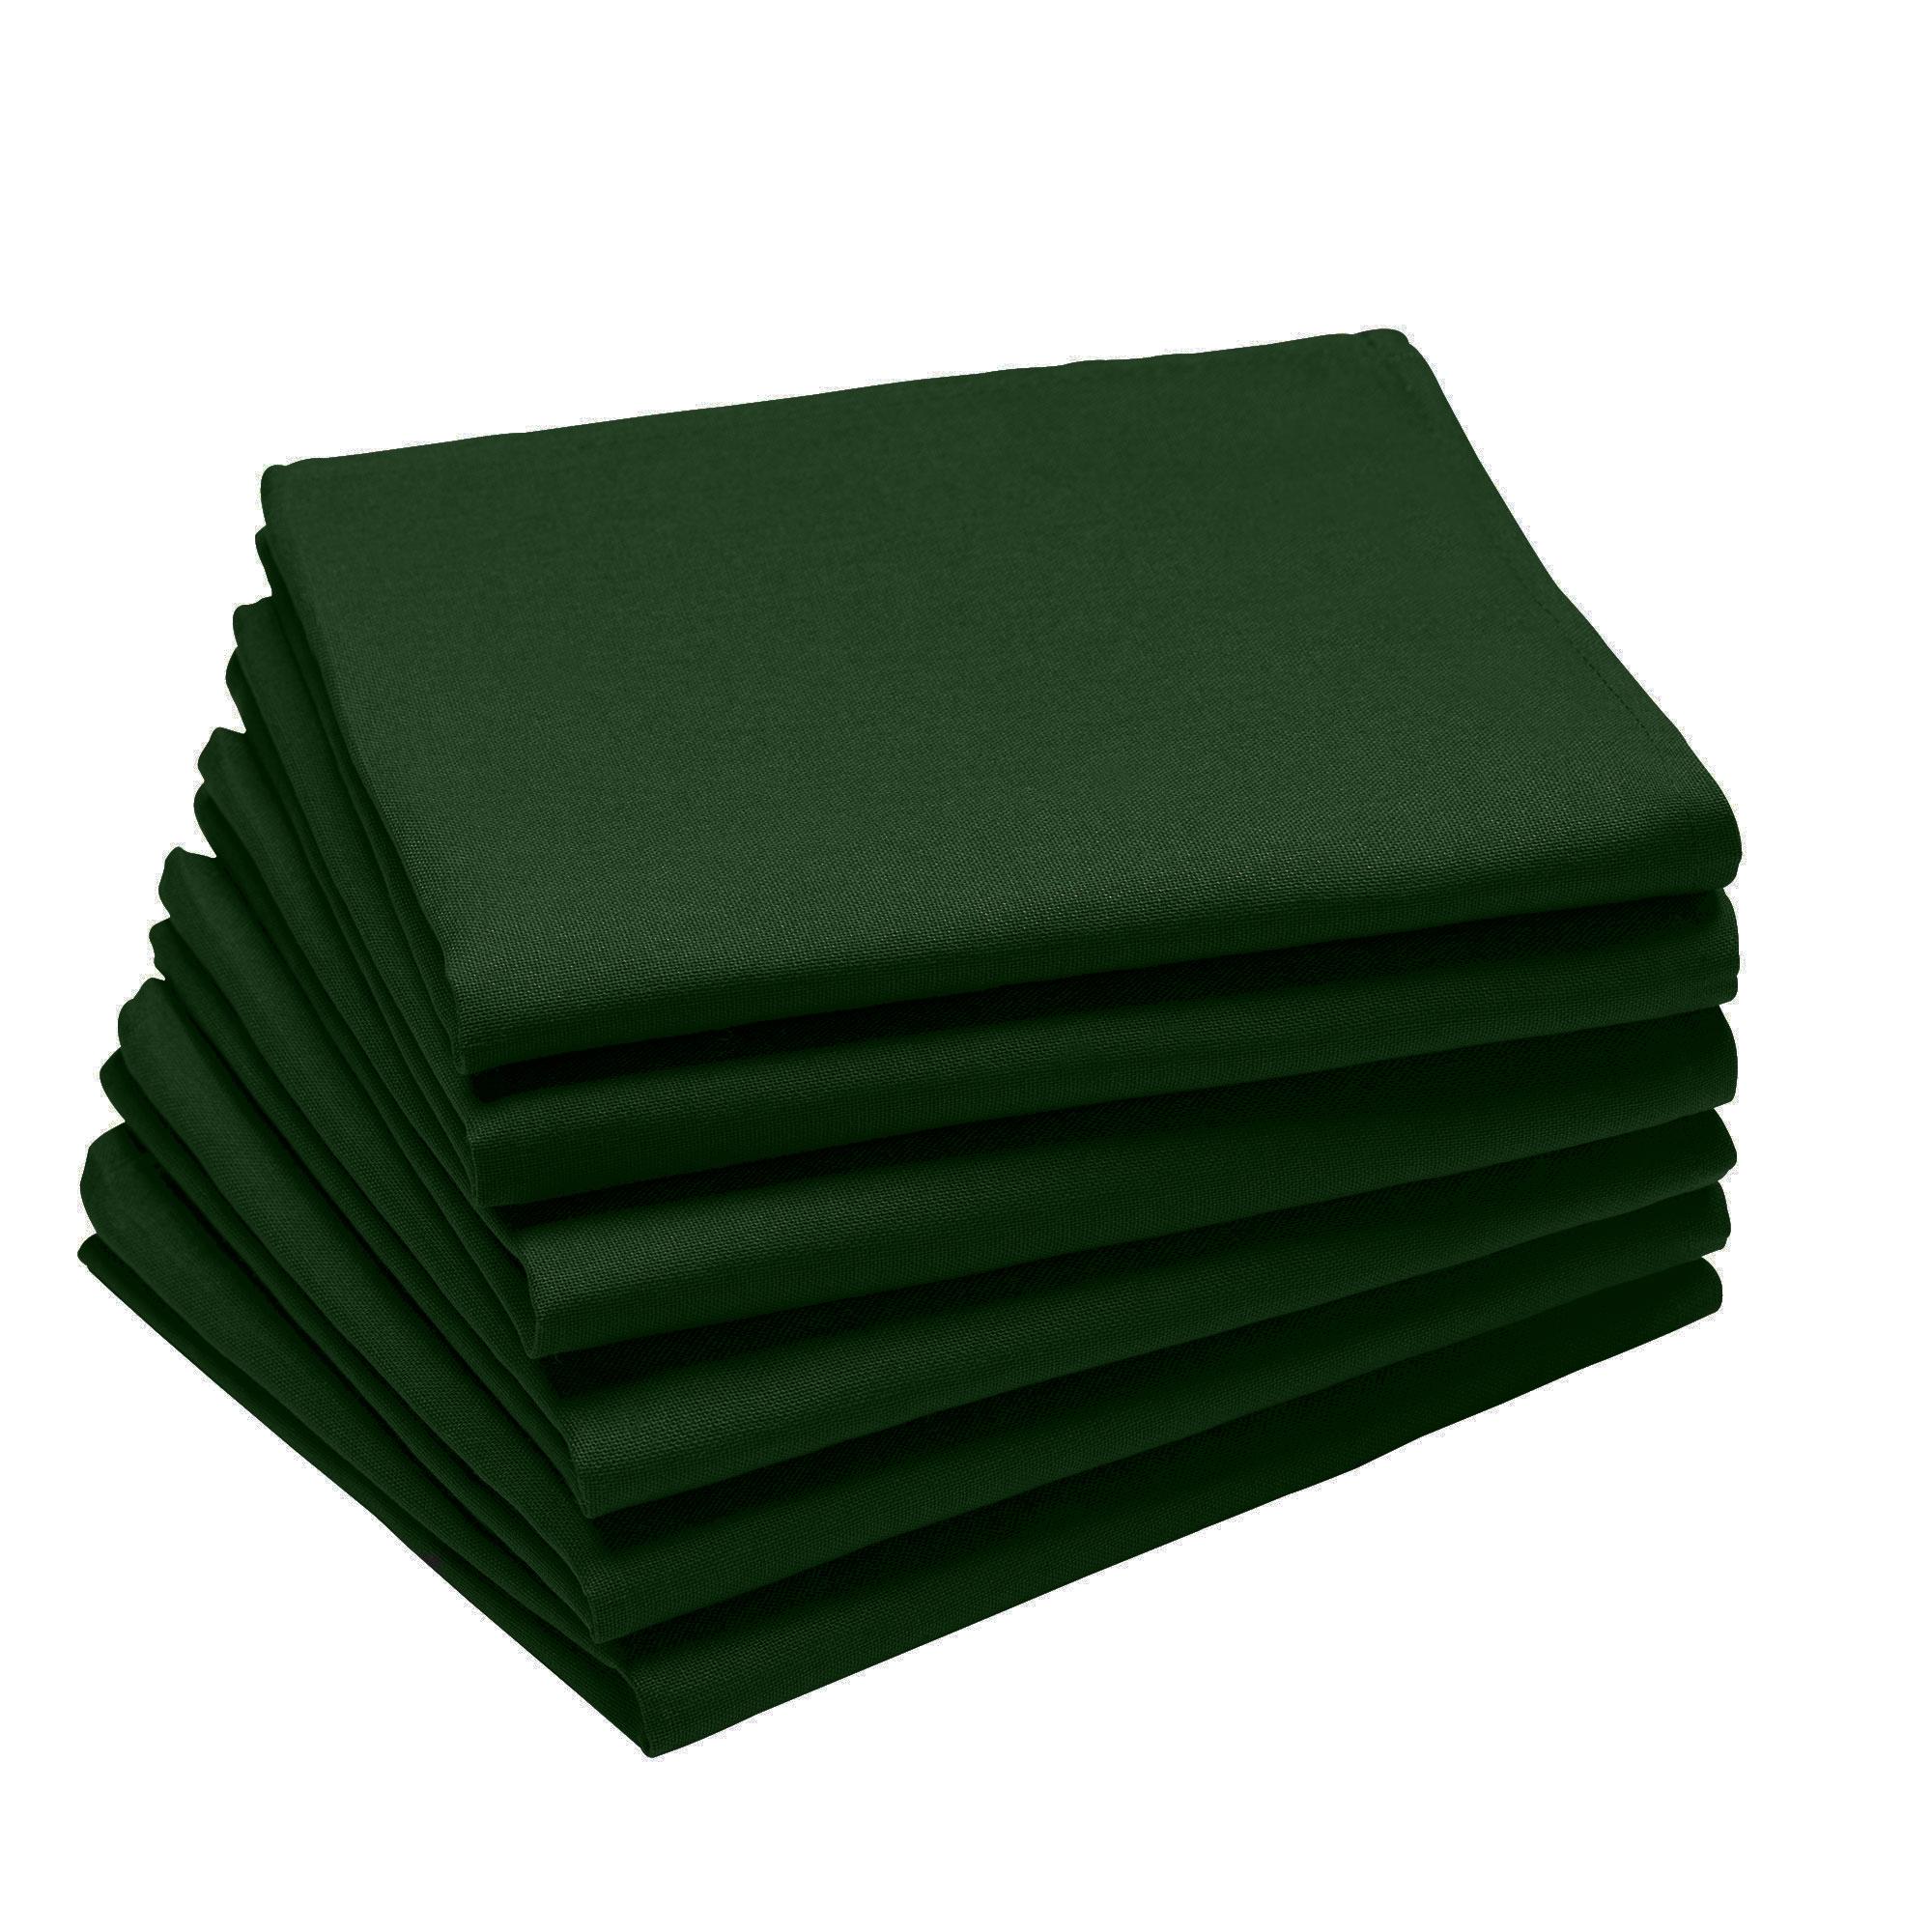 Lot de 6 serviettes en coton traite Teflon, Cypres 45 x 45